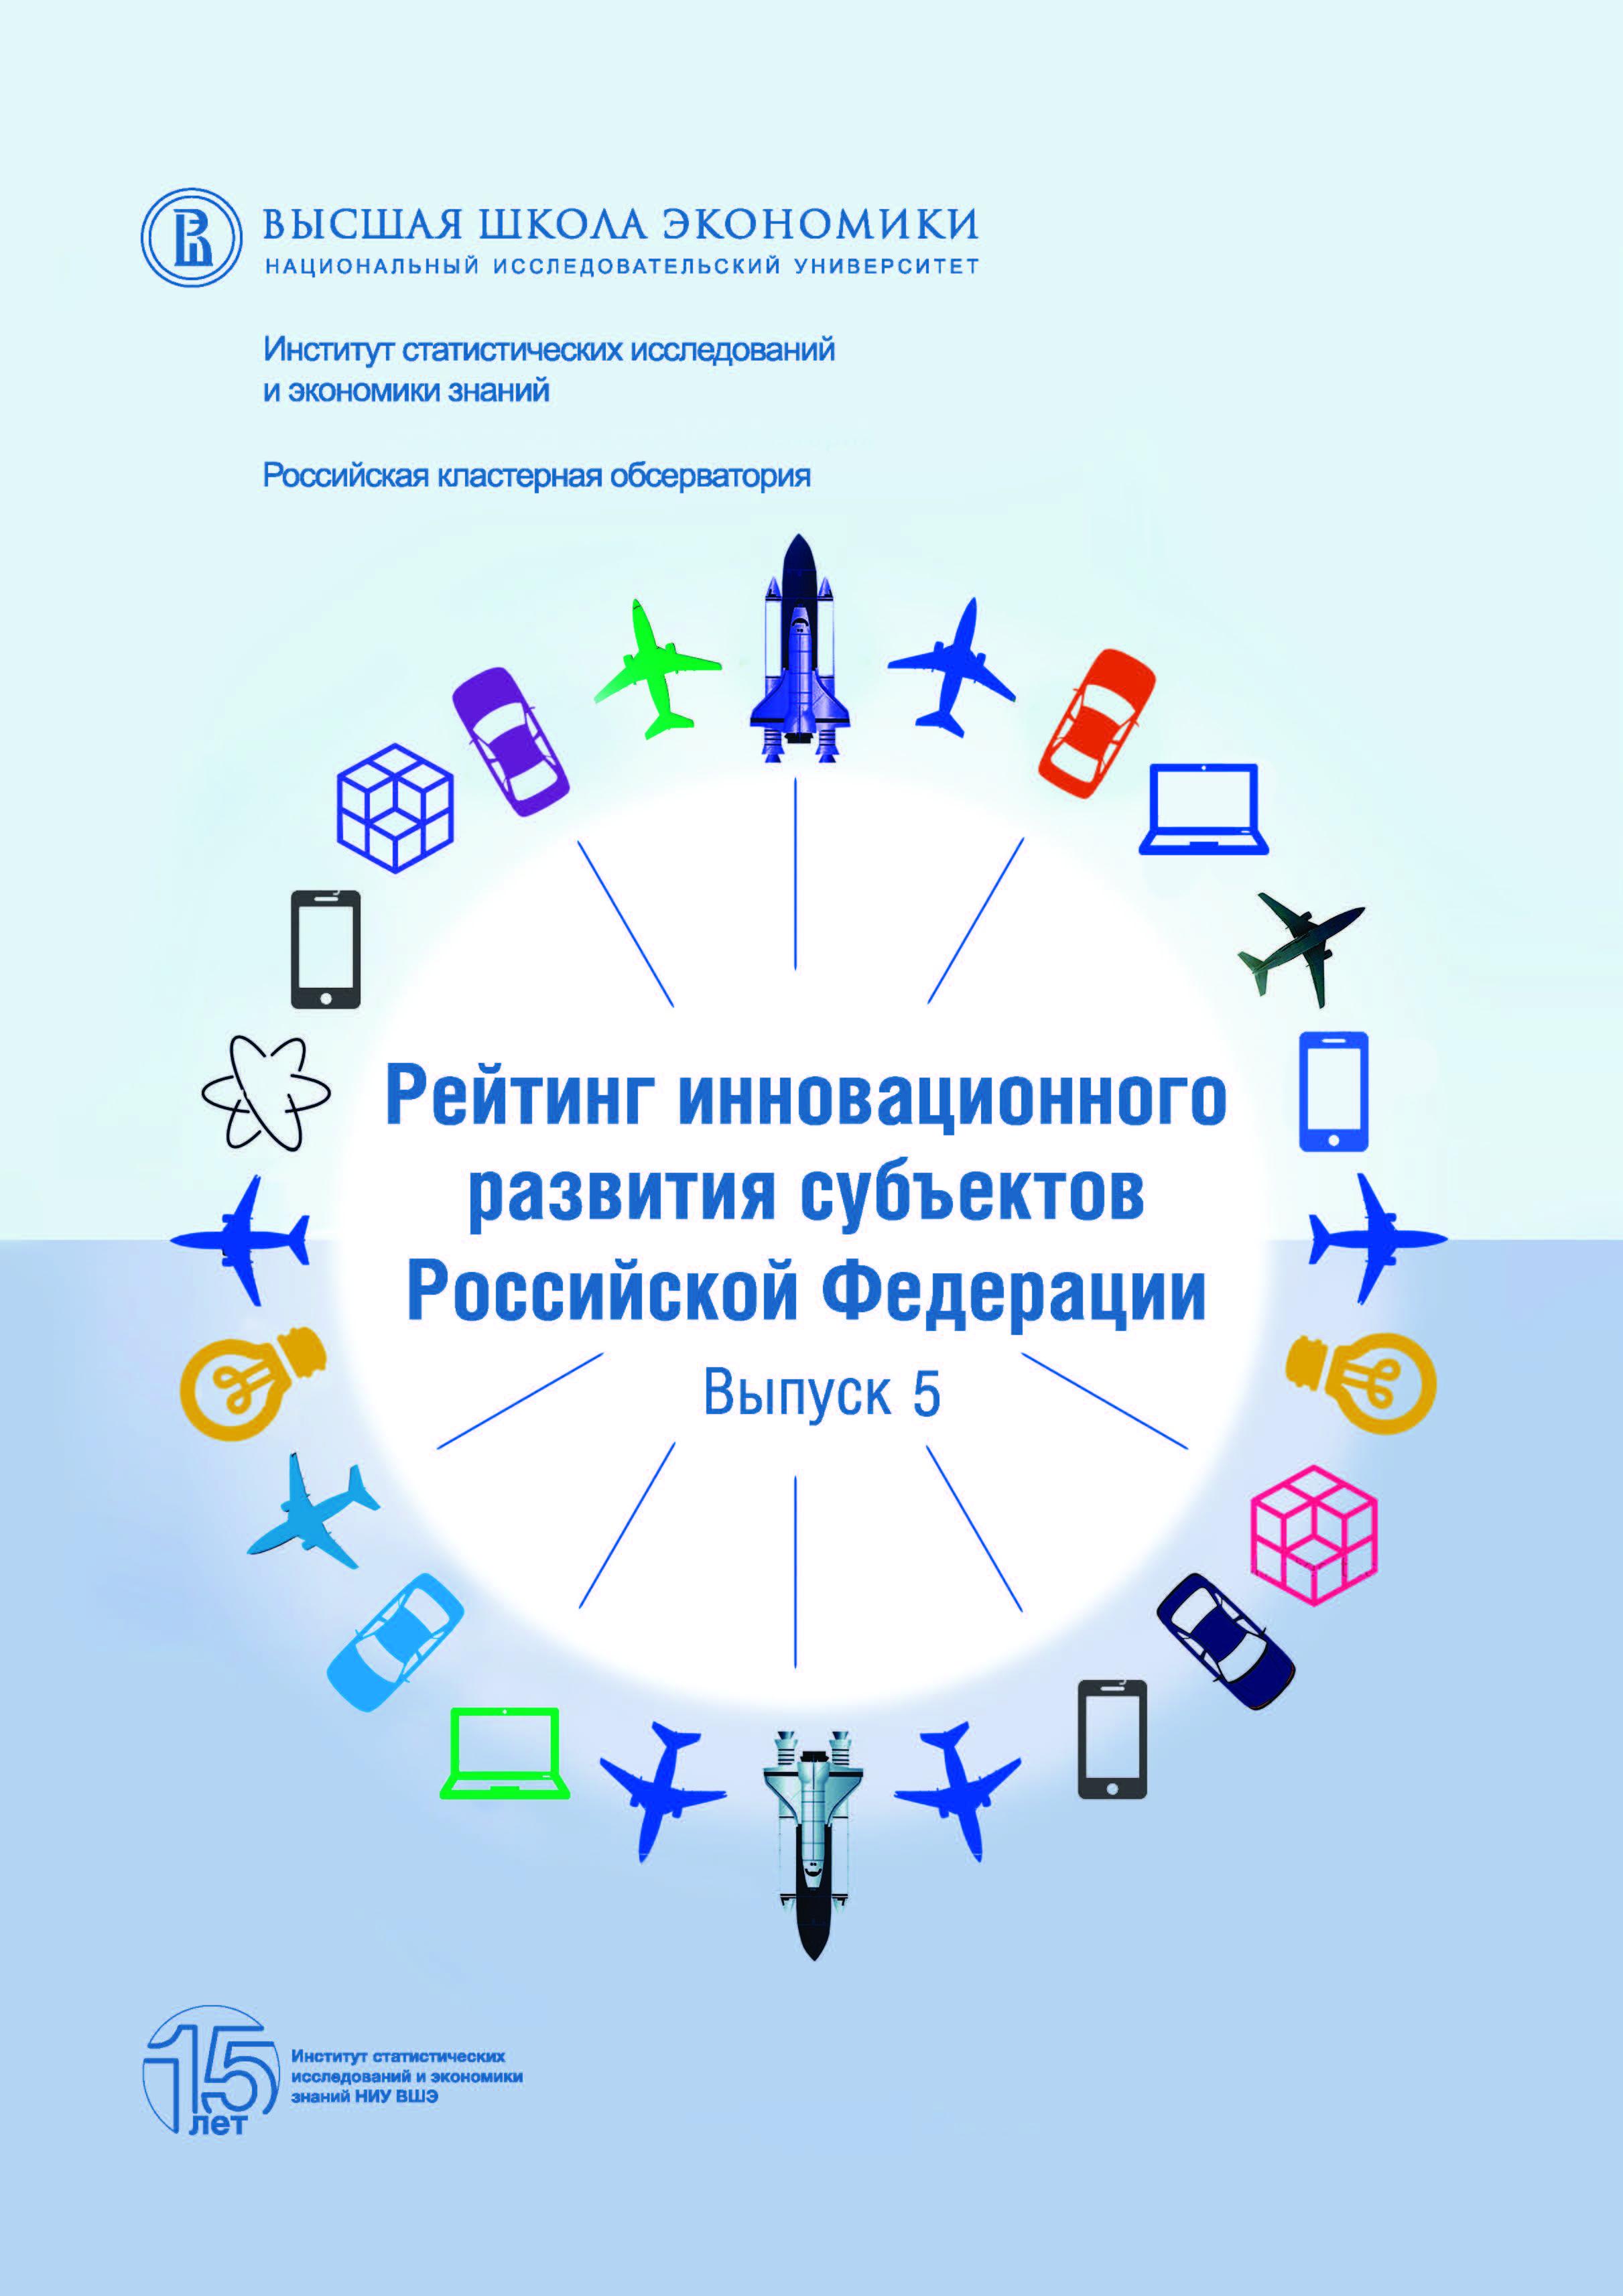 Рейтинг инновационного развития субъектов Российской Федерации. Выпуск 5